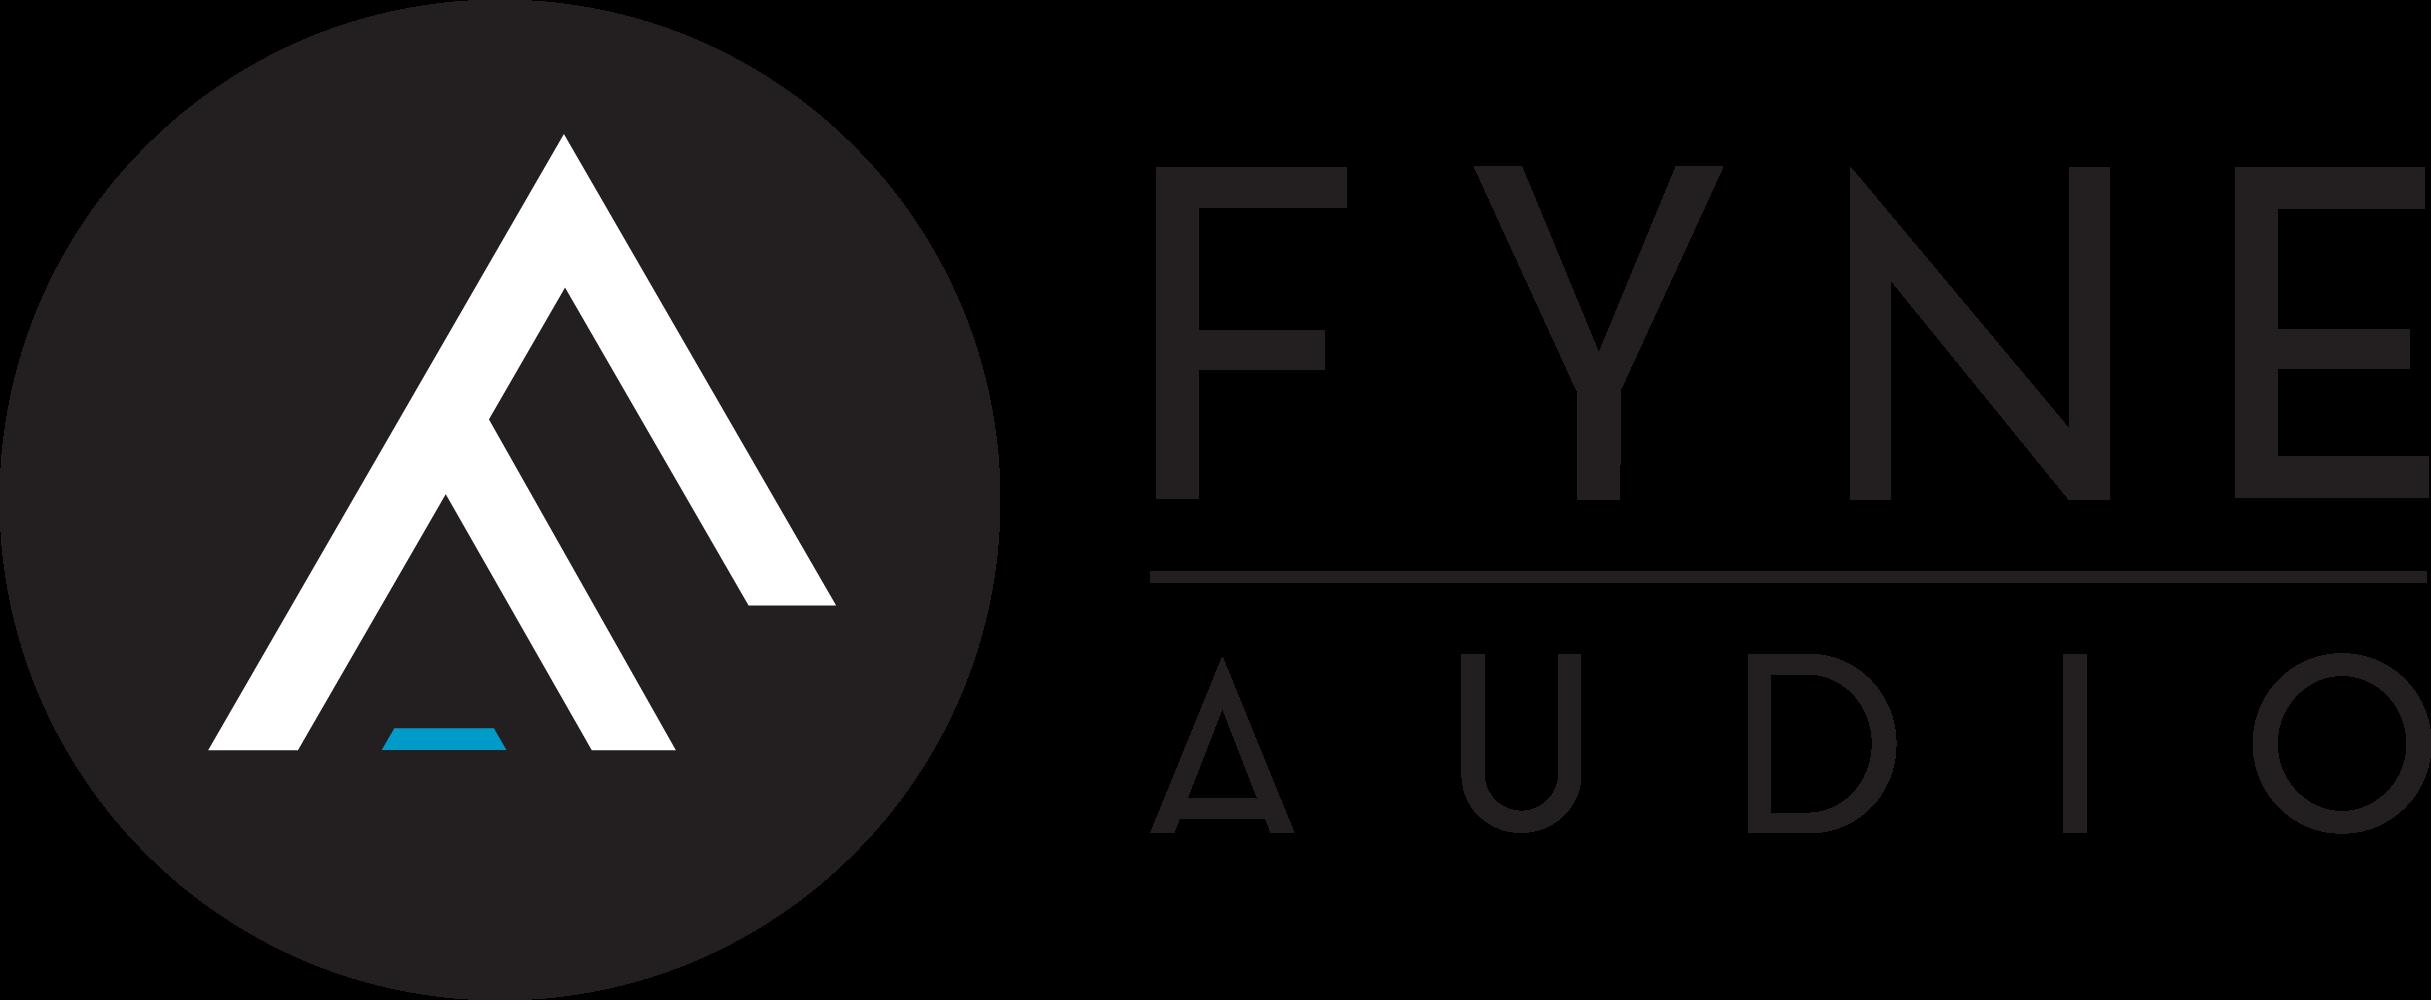 https://www.fyneaudio.com